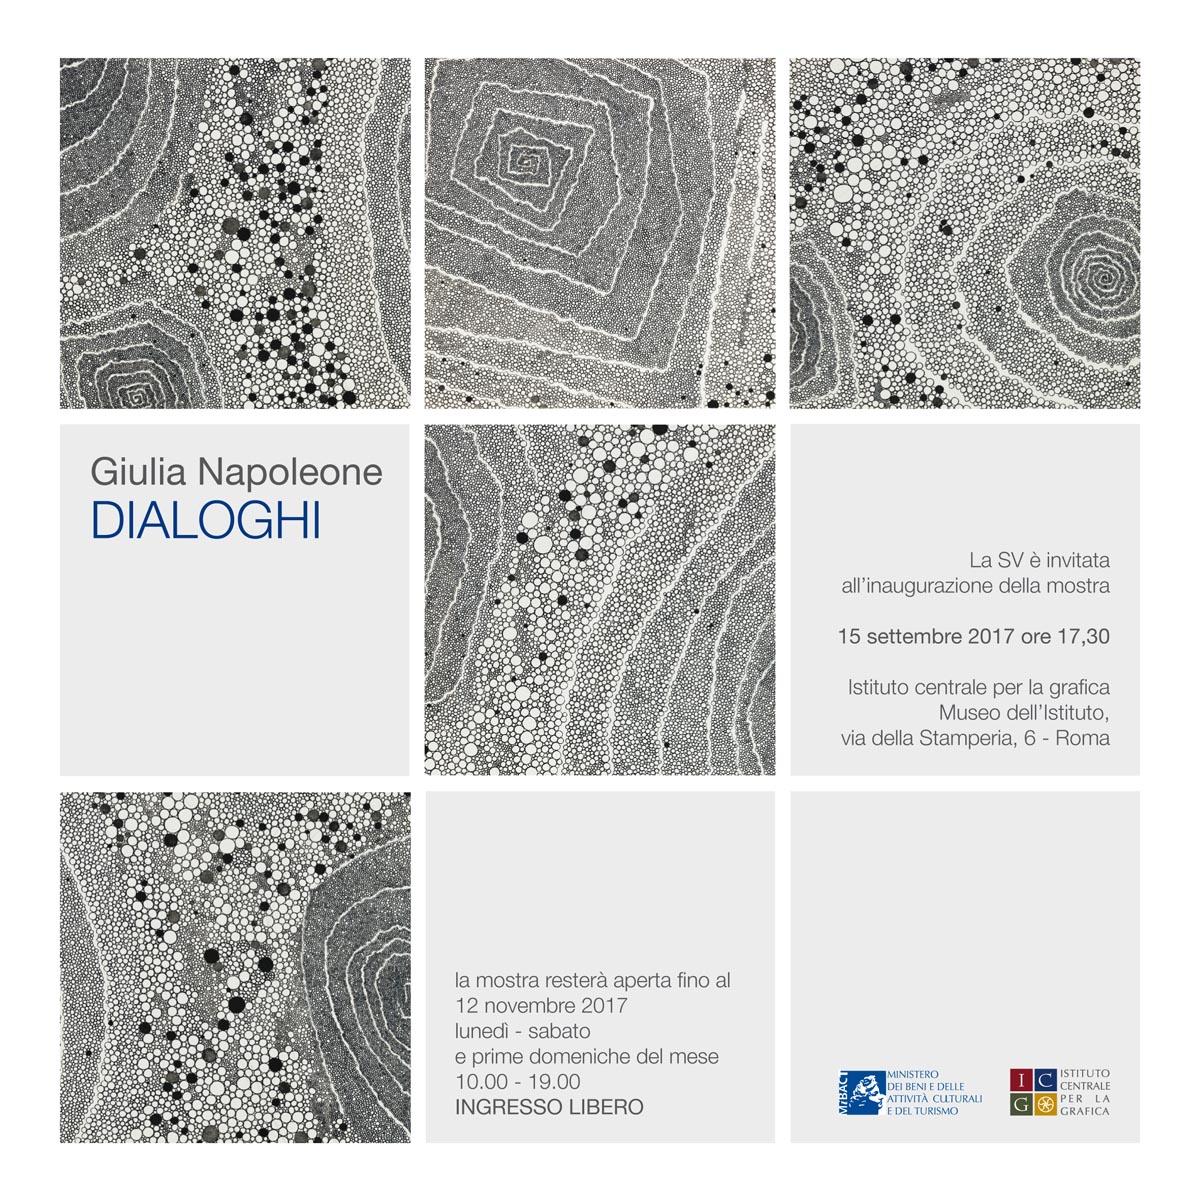 Invito Dialoghi